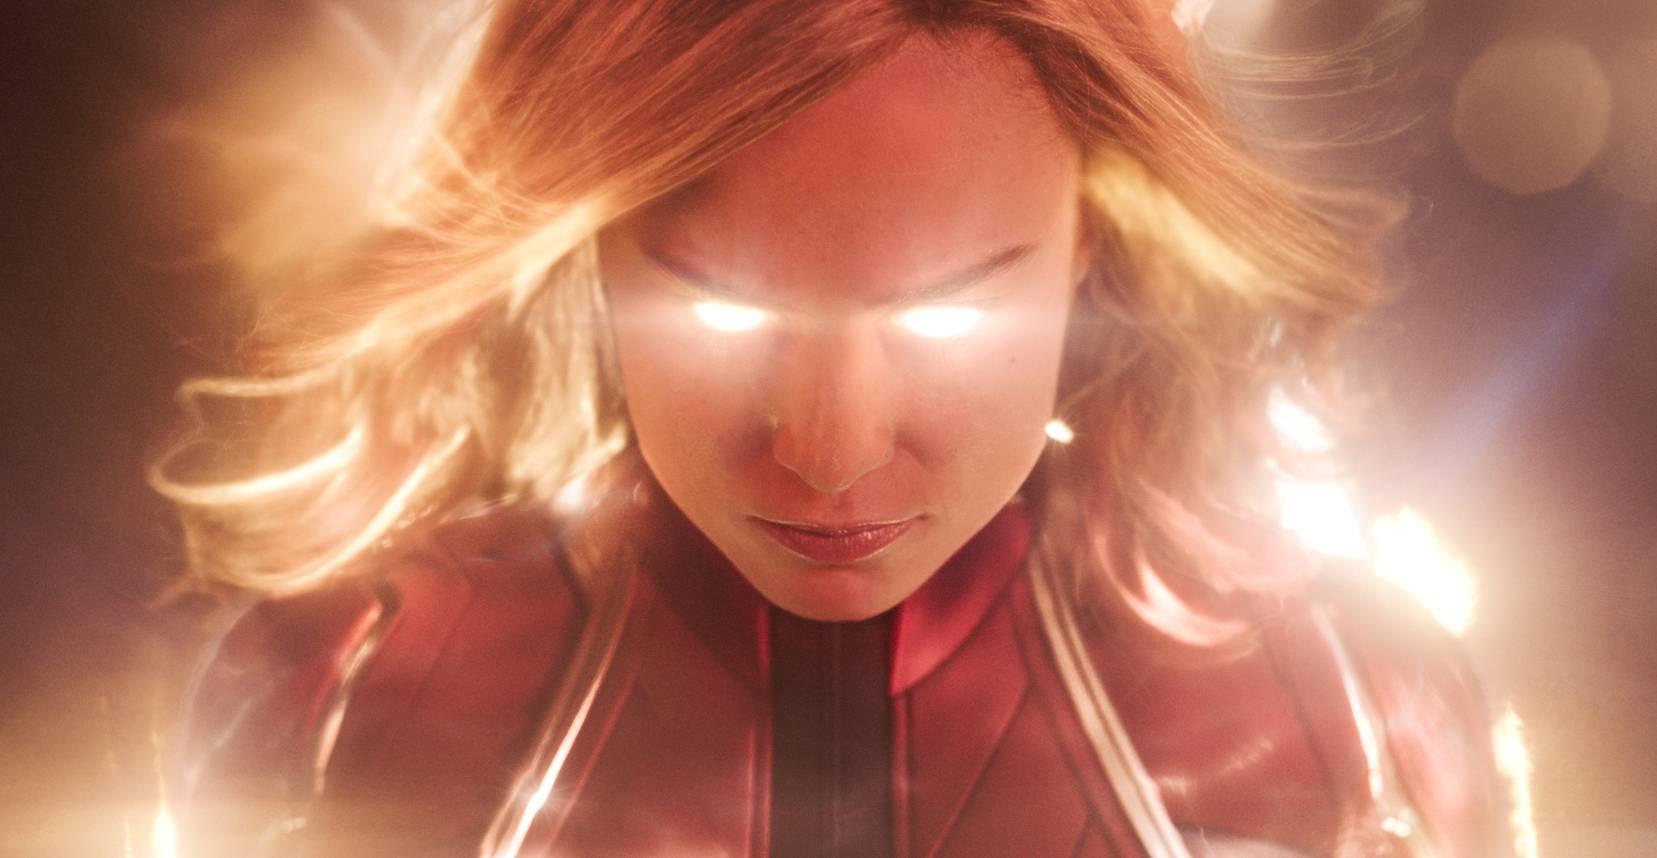 «Капитан Марвел» — фильм о слишком сильной героине 7